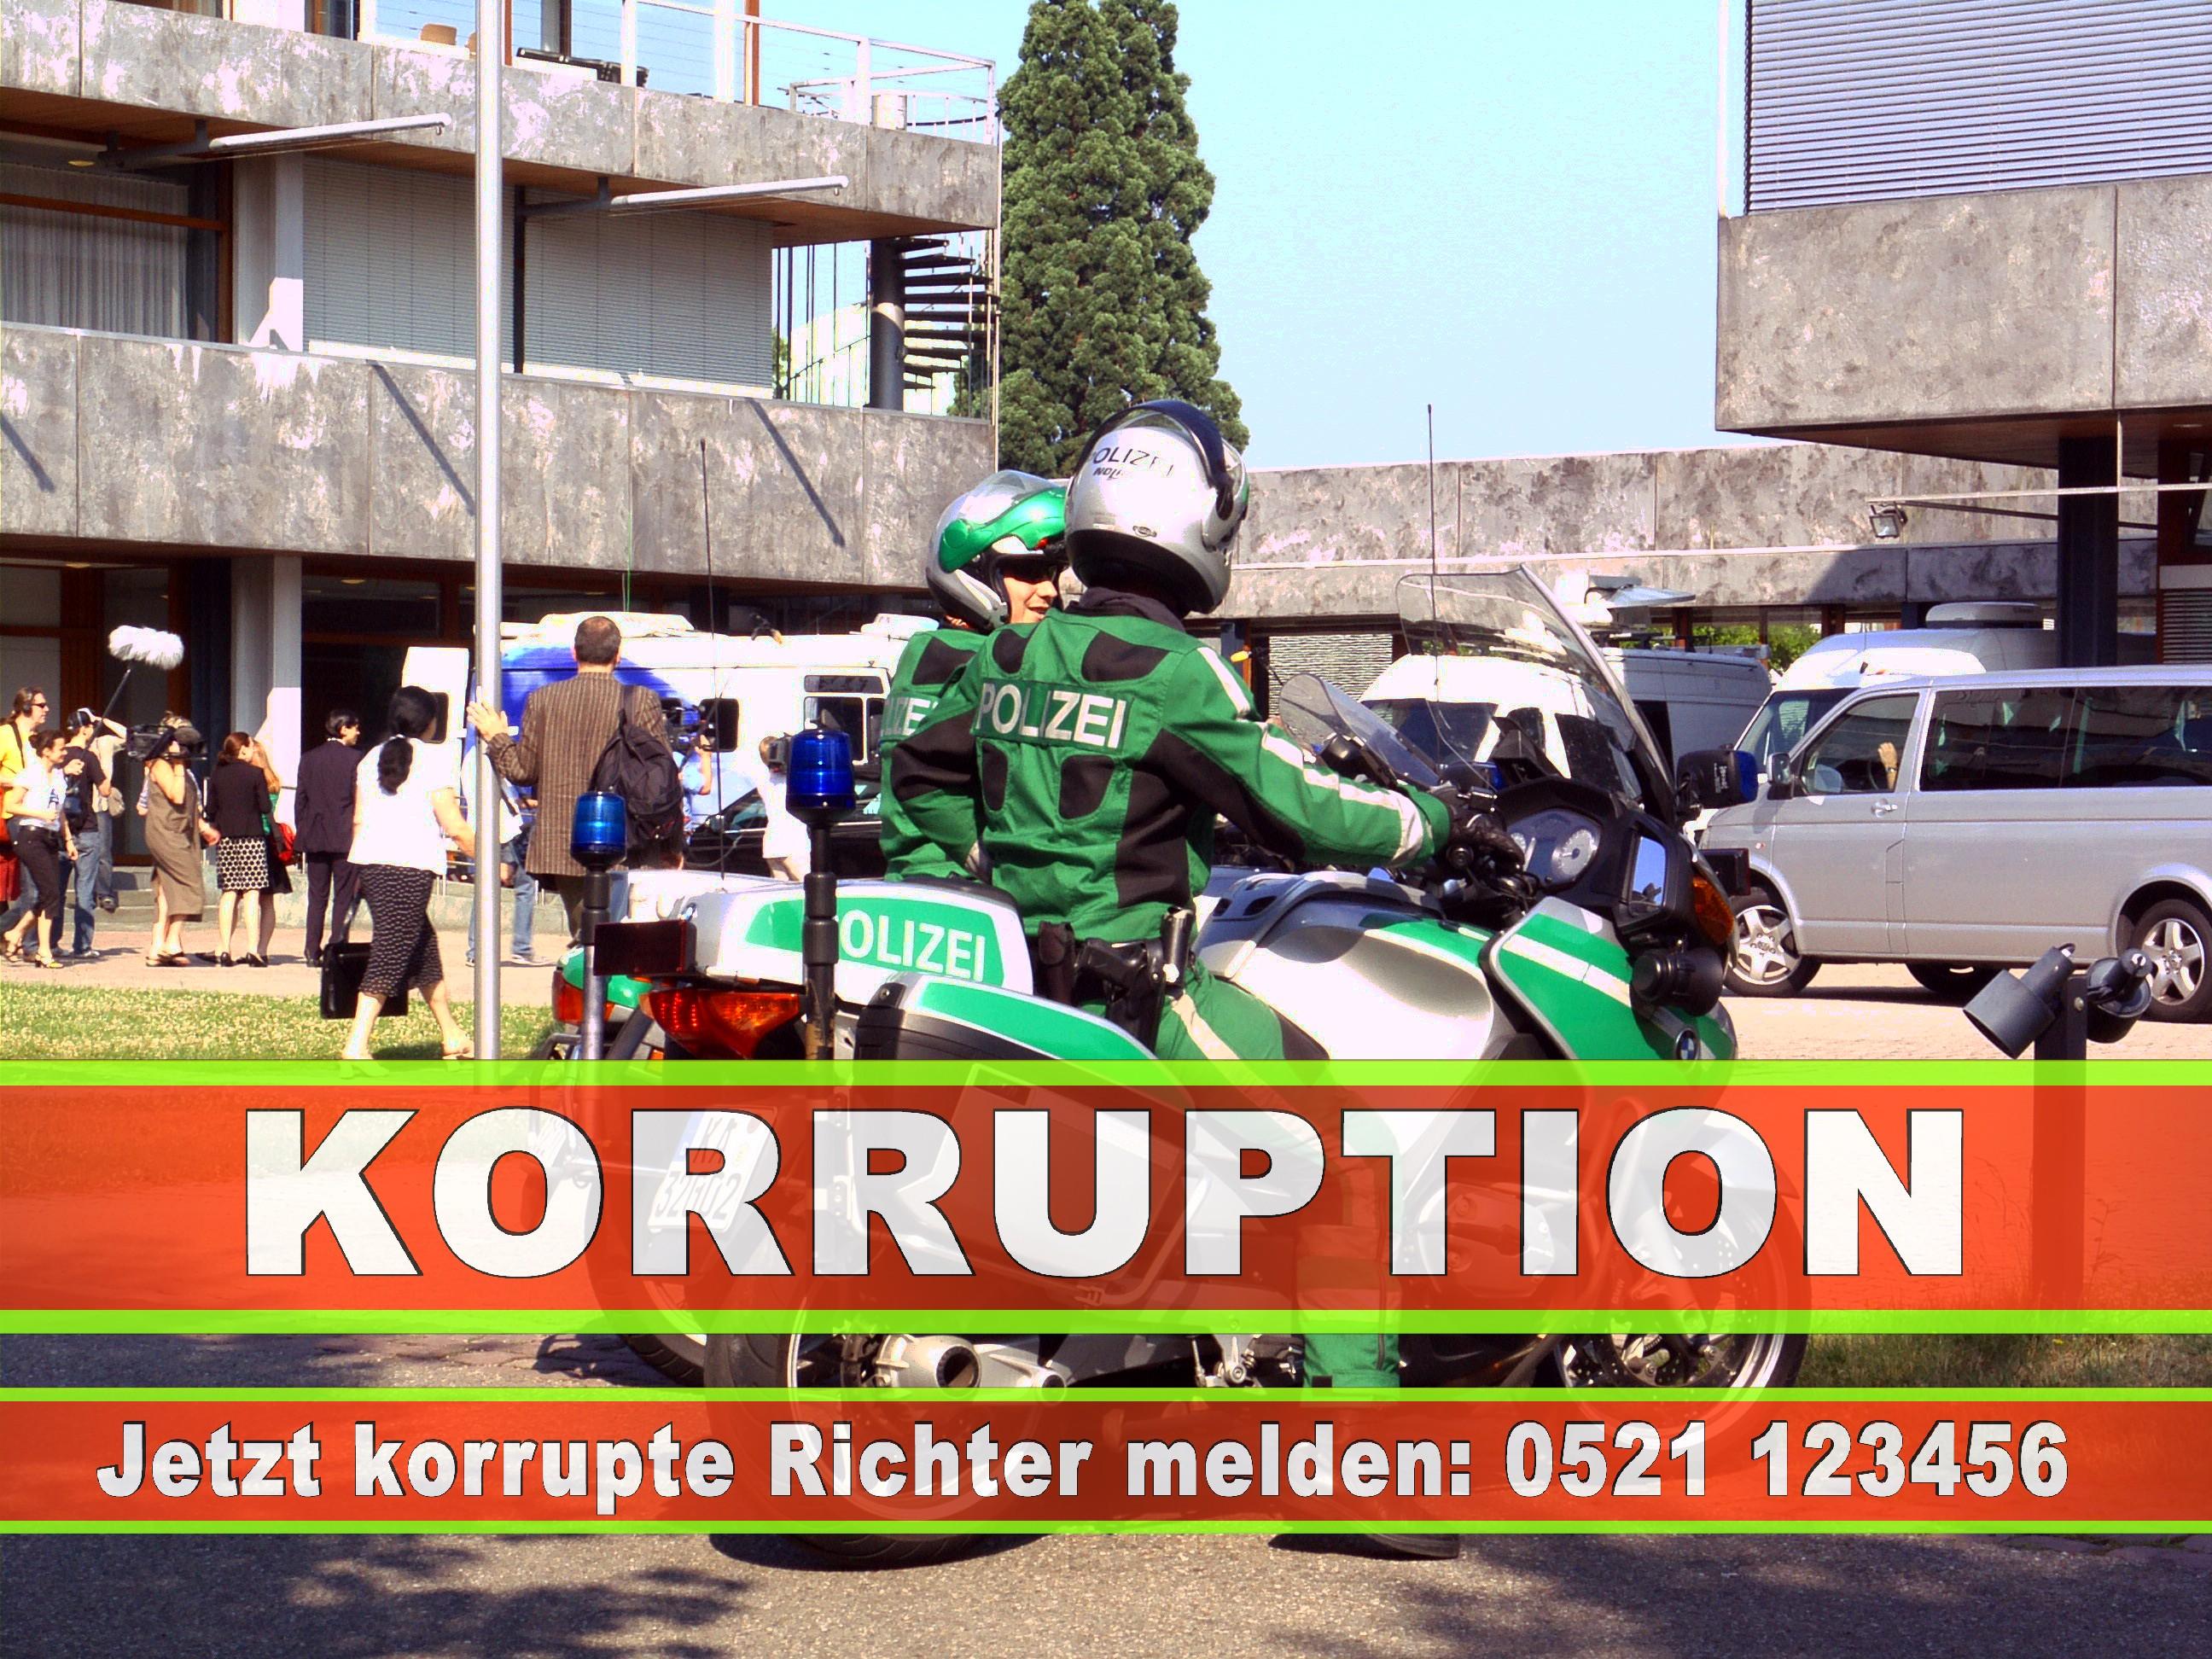 Bundesverfassungsgericht Karlsruhe Richter Korruption Aufgaben Urteile Termine Anfahrt Bilder Fotos Adresse Telefon 6